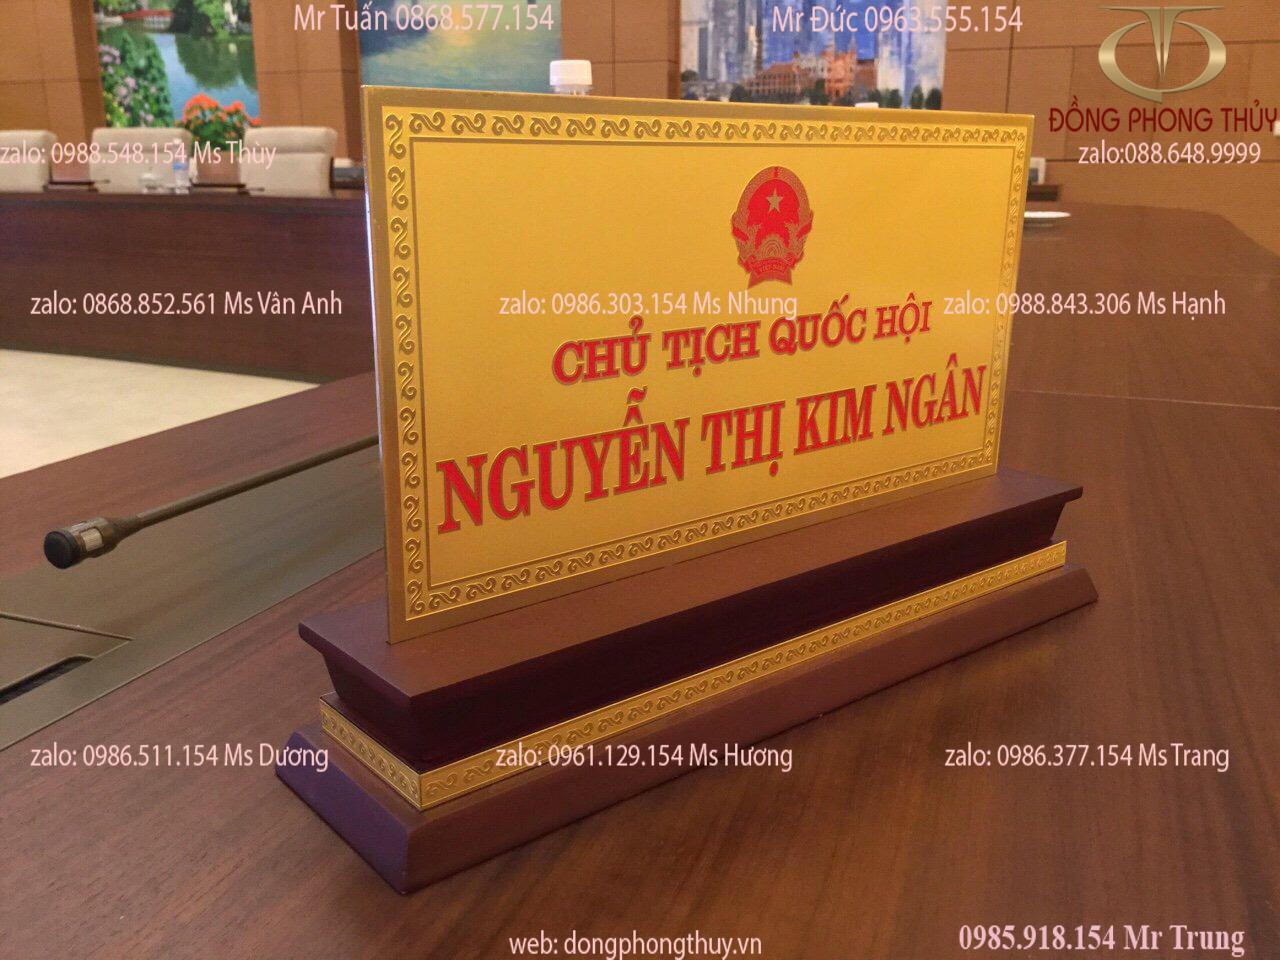 Biển chức danh để bàn bằng đồng mạ vàng 24k